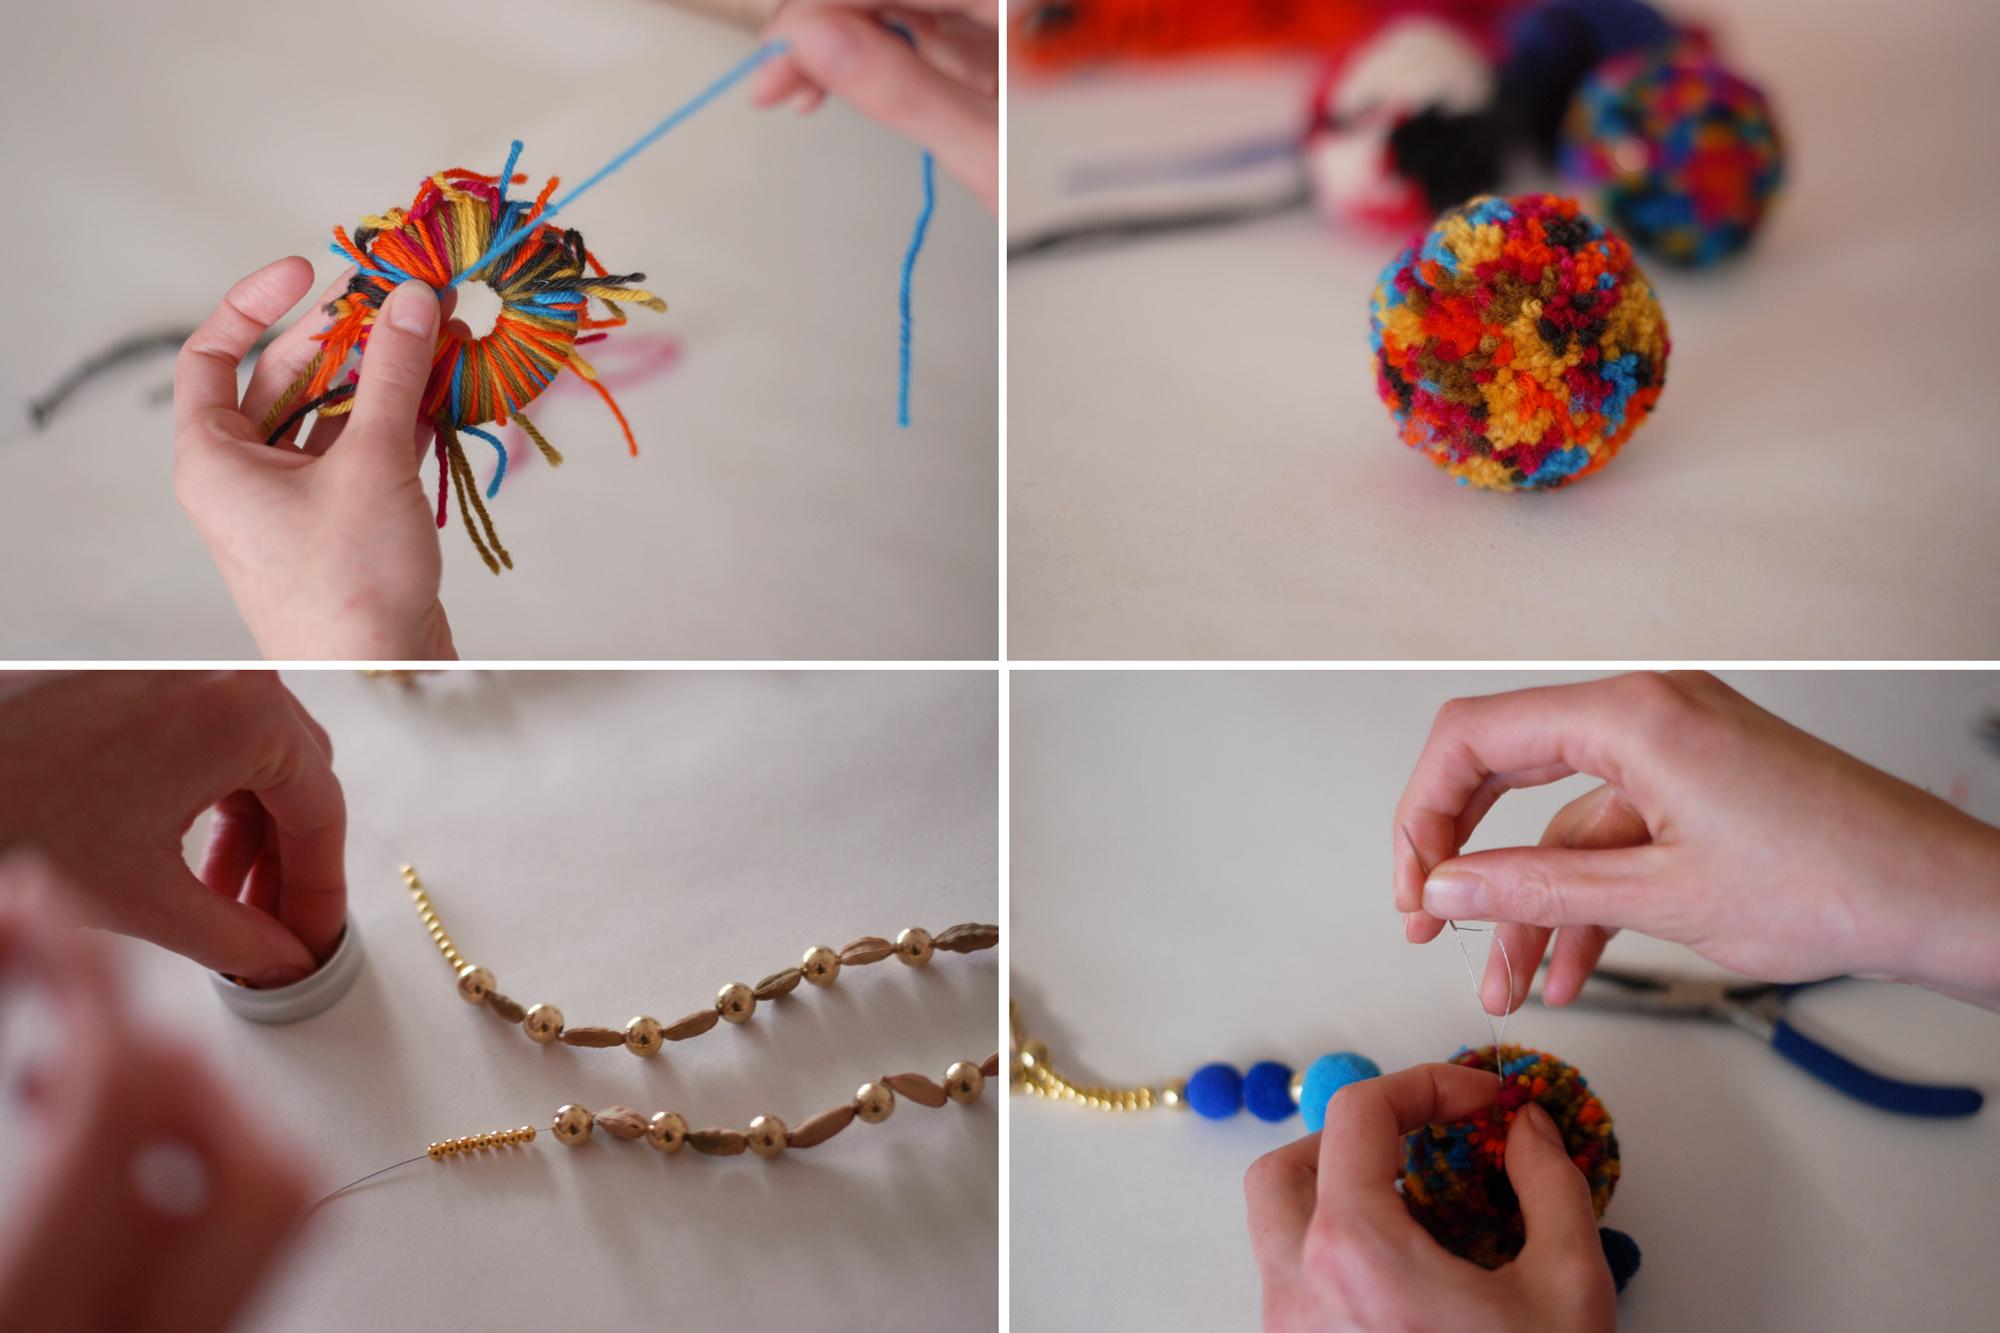 proces tvorby nomádského náhrdelníku